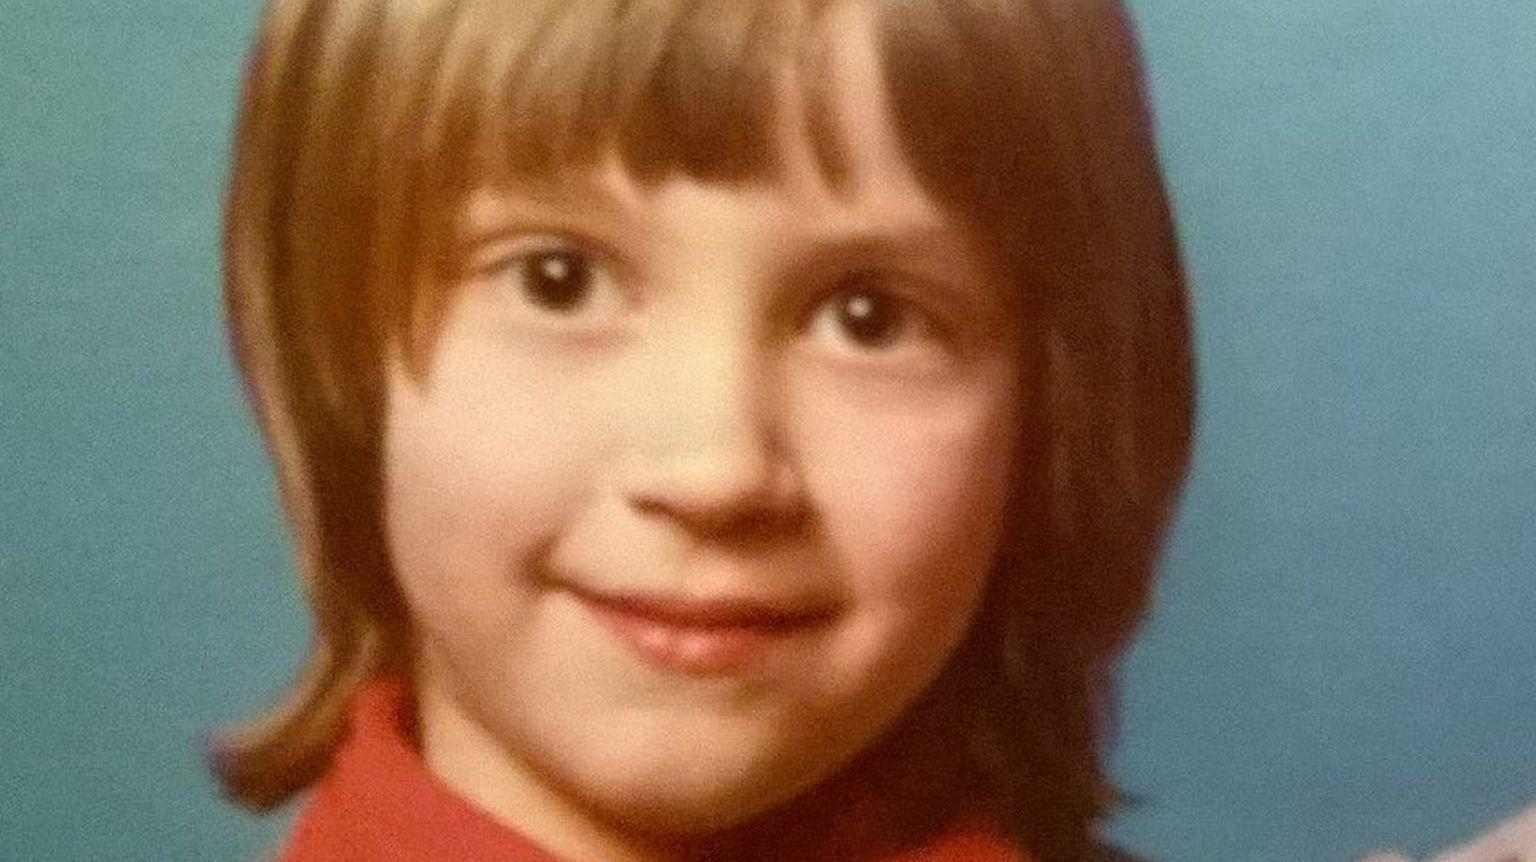 A photo of Caspar Capel as a young child